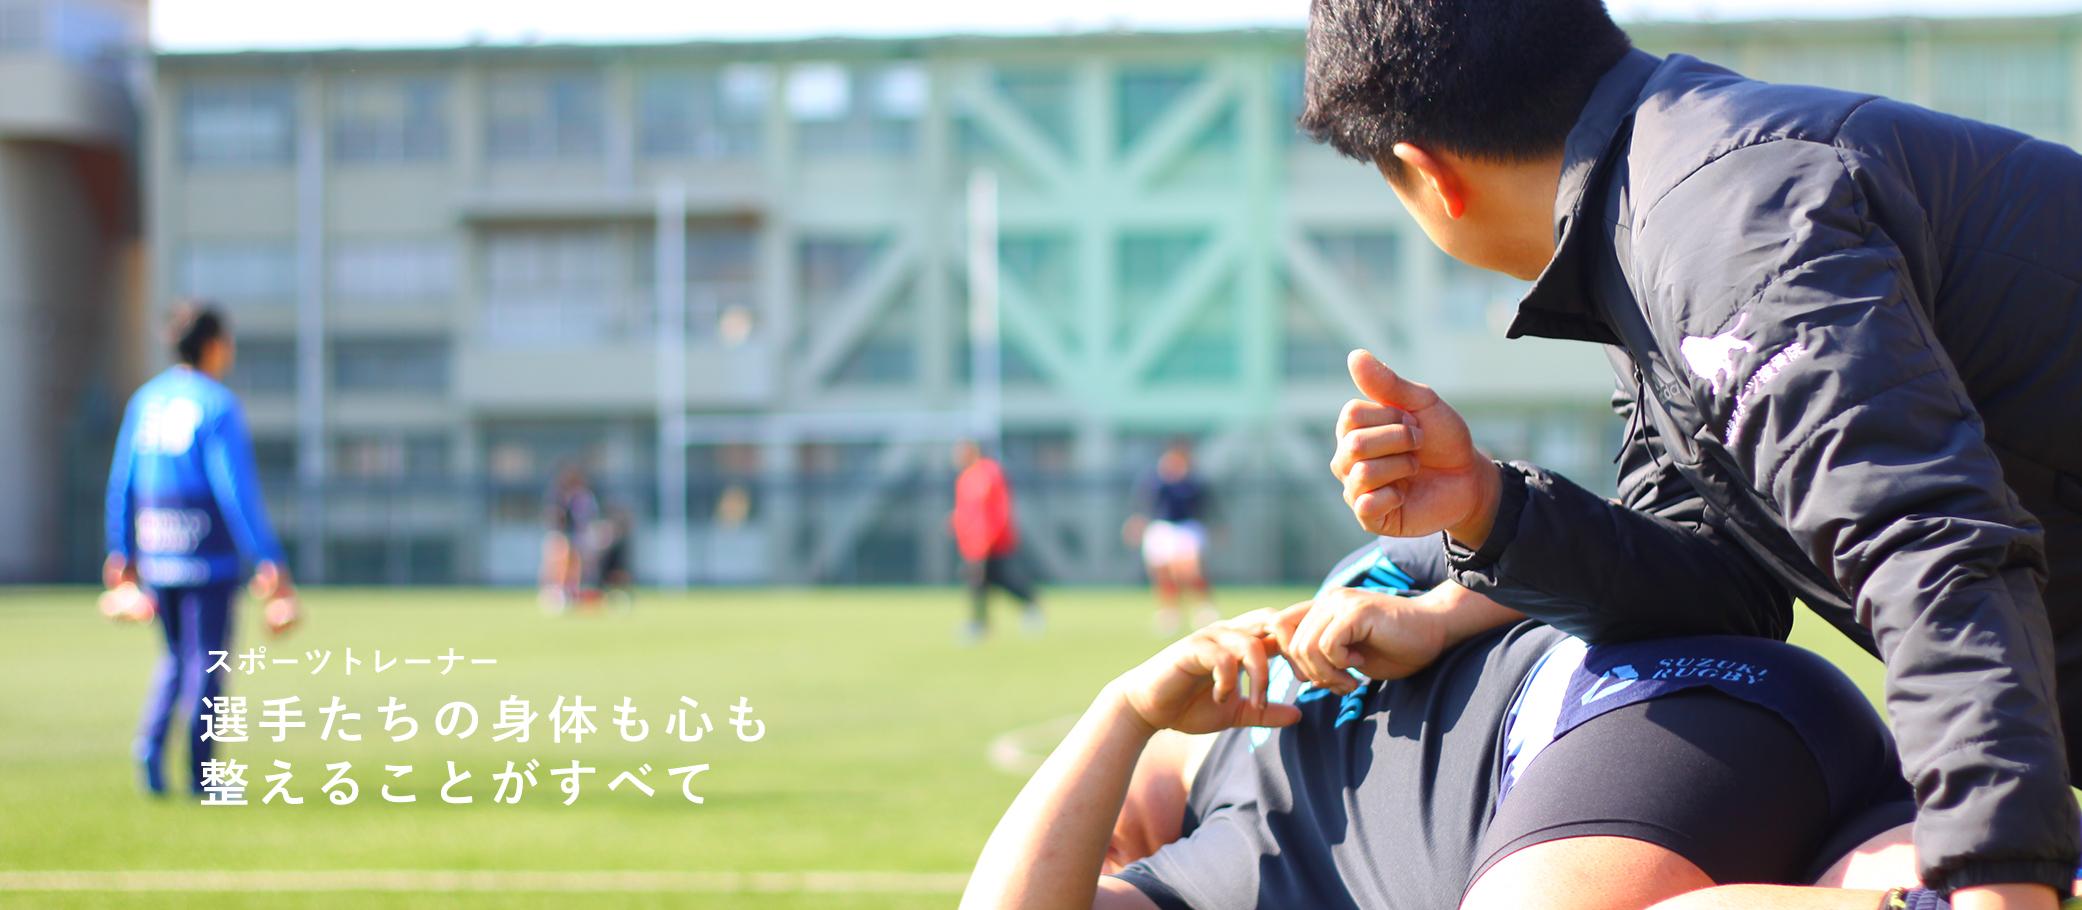 スポーツトレーナー